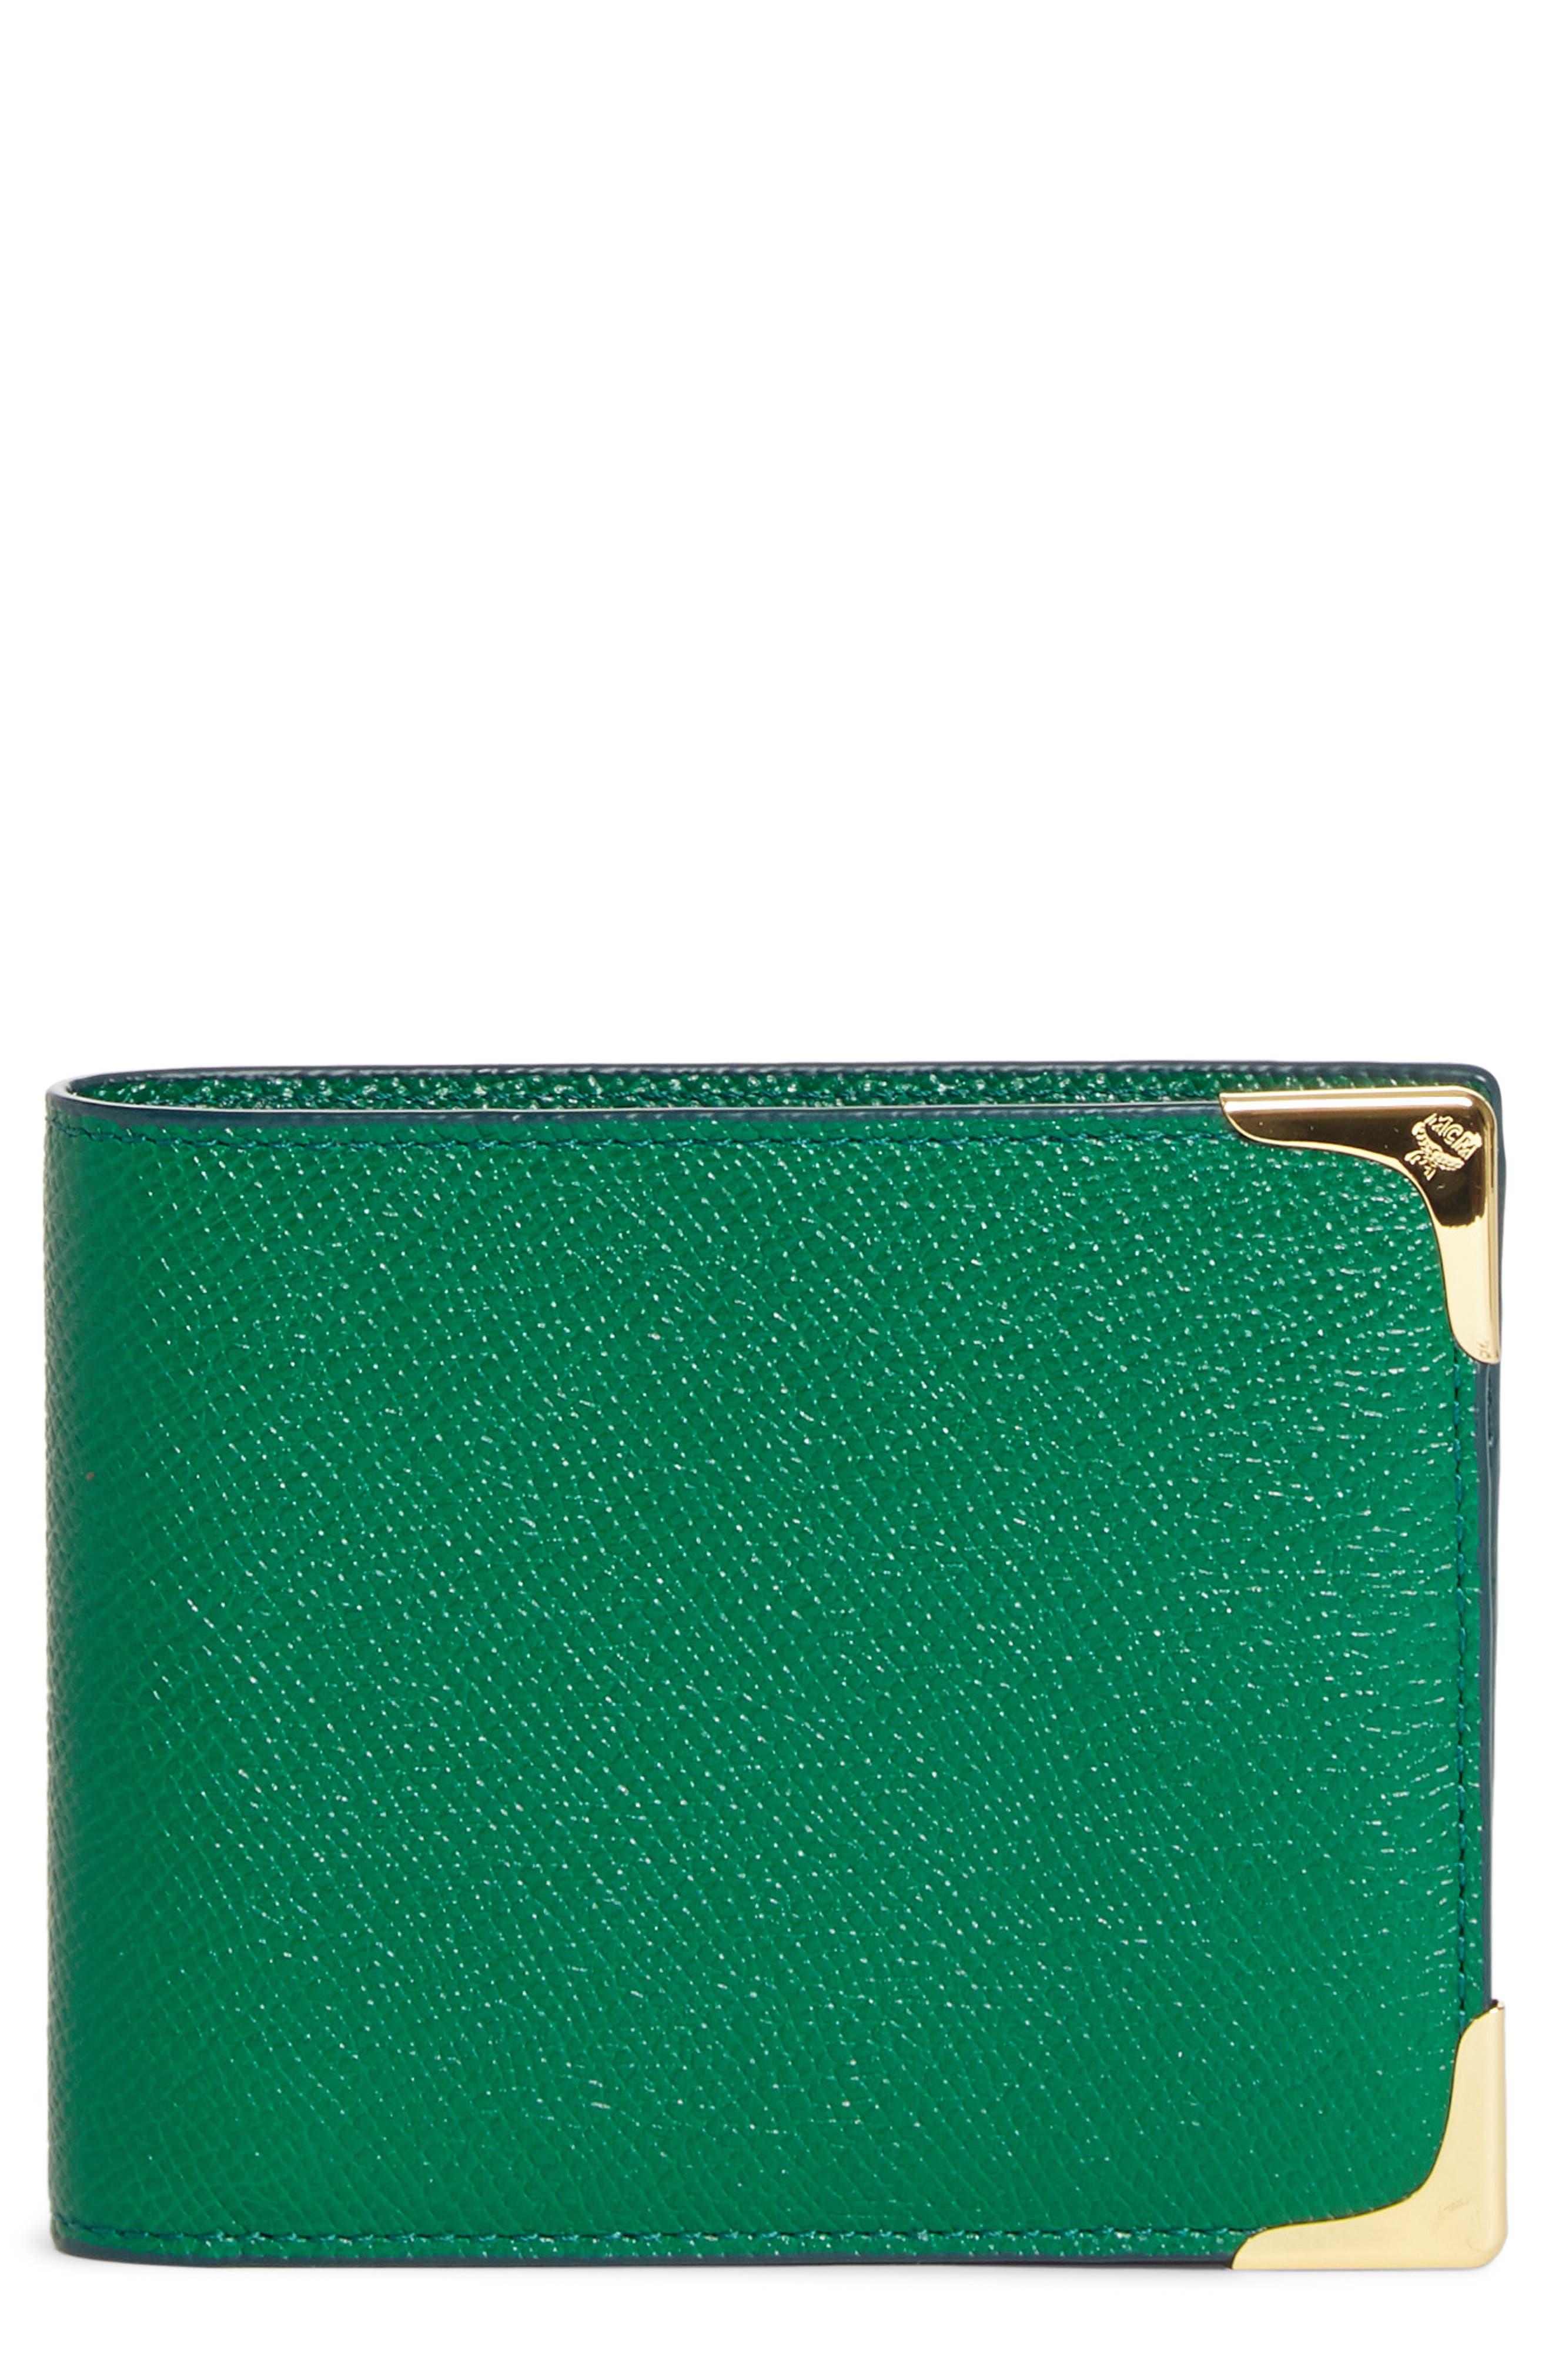 MCM, Small RGB Coin Wallet, Main thumbnail 1, color, GREEN